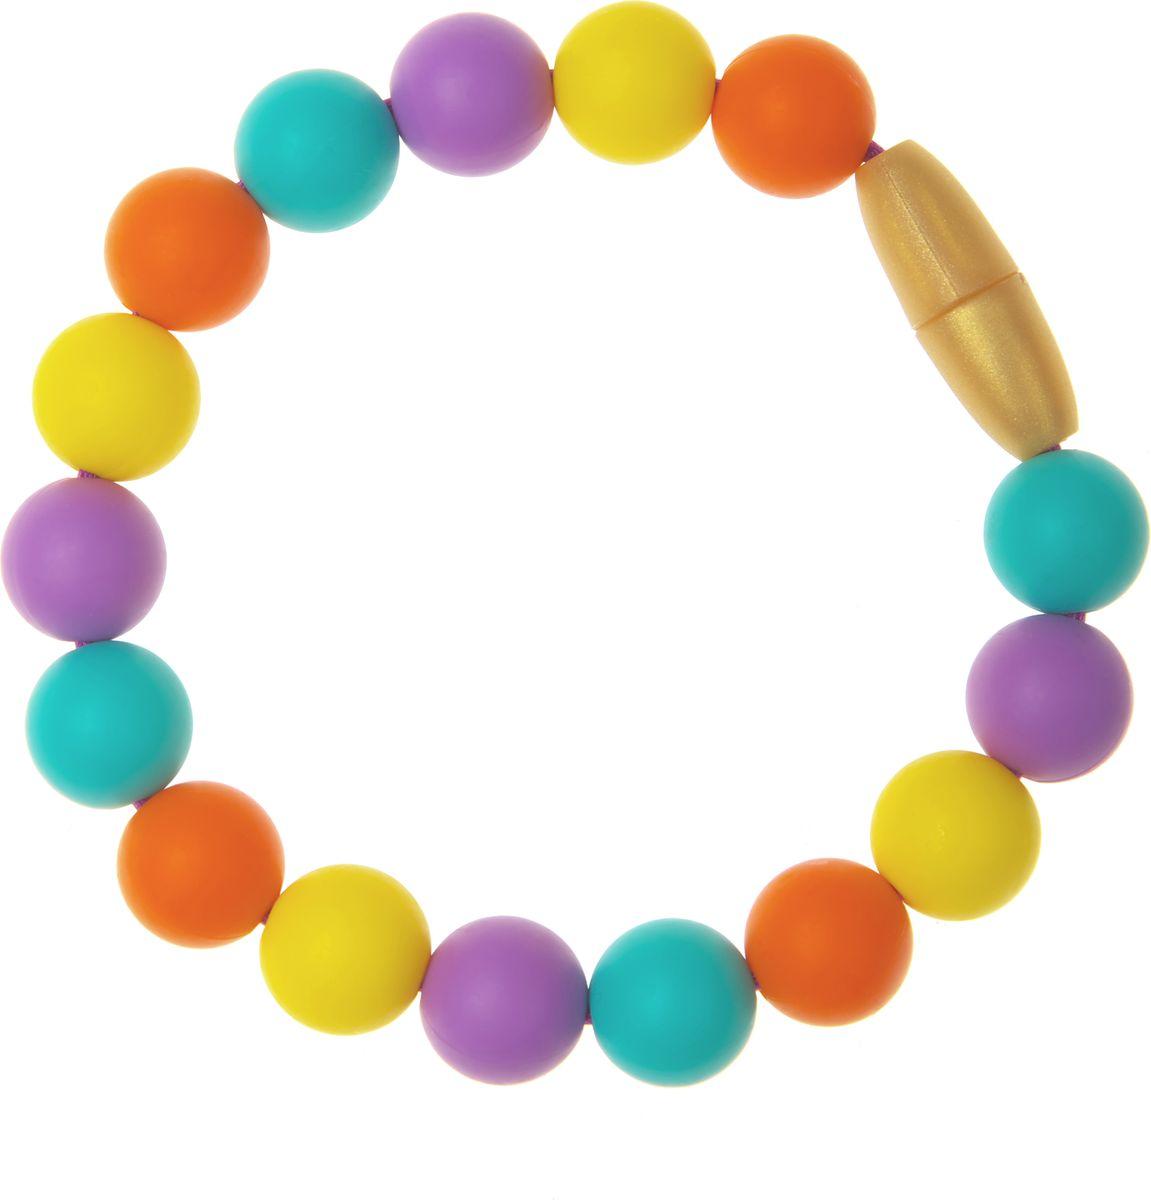 МАМидея Браслет-прорезыватель Майя цвет фиолетовыйmi-050105Браслет из пищевого силикона МАМидея Майя - это стильное украшение и полезная игрушка для малыша.Браслет МАМидея способен скрасить малышу ожидание в очереди, развеселить, если вы забыли взять с собой игрушку. Его можно использовать как грызунок в период прорезывания зубов, кипятить и замораживать.Пищевой силикон не содержит вредных химикатов и красителей, поэтому абсолютно безопасен. Силиконовые браслеты можно и даже нужно использовать в период прорезывания зубов, ведь они не травмируют детские десны и зубки. Приятная нежная текстура бус притягивает, заставляя возвращаться к ним снова и снова.Украшения из силикона набирают все большую популярность среди активных мам, благодаря стильному дизайну и практичности. Браслет застегивается на пластиковую застежку. Единый размер. Браслеты МАМидея: - модные: яркие, стильные расцветки под любой стиль одежды, - можно носить как украшение, - безопасные, без химикатов, без запаха, - пищевой силикон, из которого изготавливают детские соски, - не содержат BPA (бисфенол А), фталаты, кадмий, свинец и тяжелые металлы, - можно мыть в посудомоечной машине и кипятить, - упругие, не трескаются, не прогрызаются, - стильный аксессуар для слингоношения. Длина браслета в расстегнутом виде: 21,5 см.